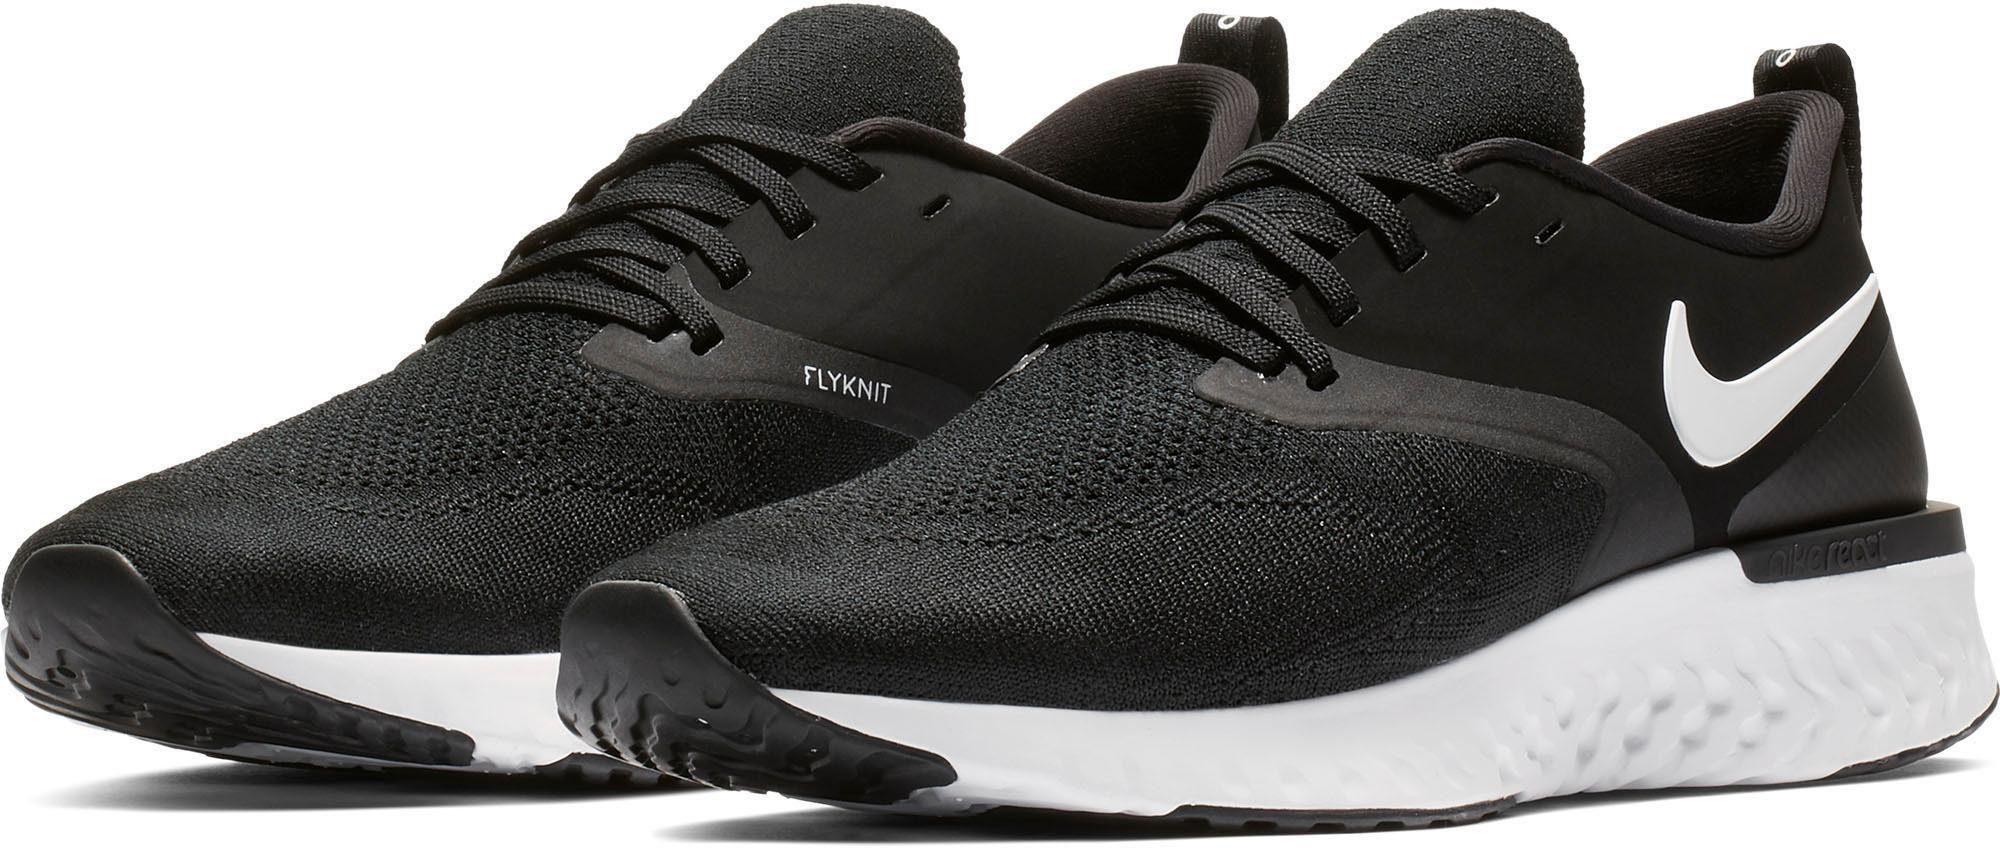 2« Laufschuh »odyssey Flyknit KaufenOtto Nike React drBxWCoe